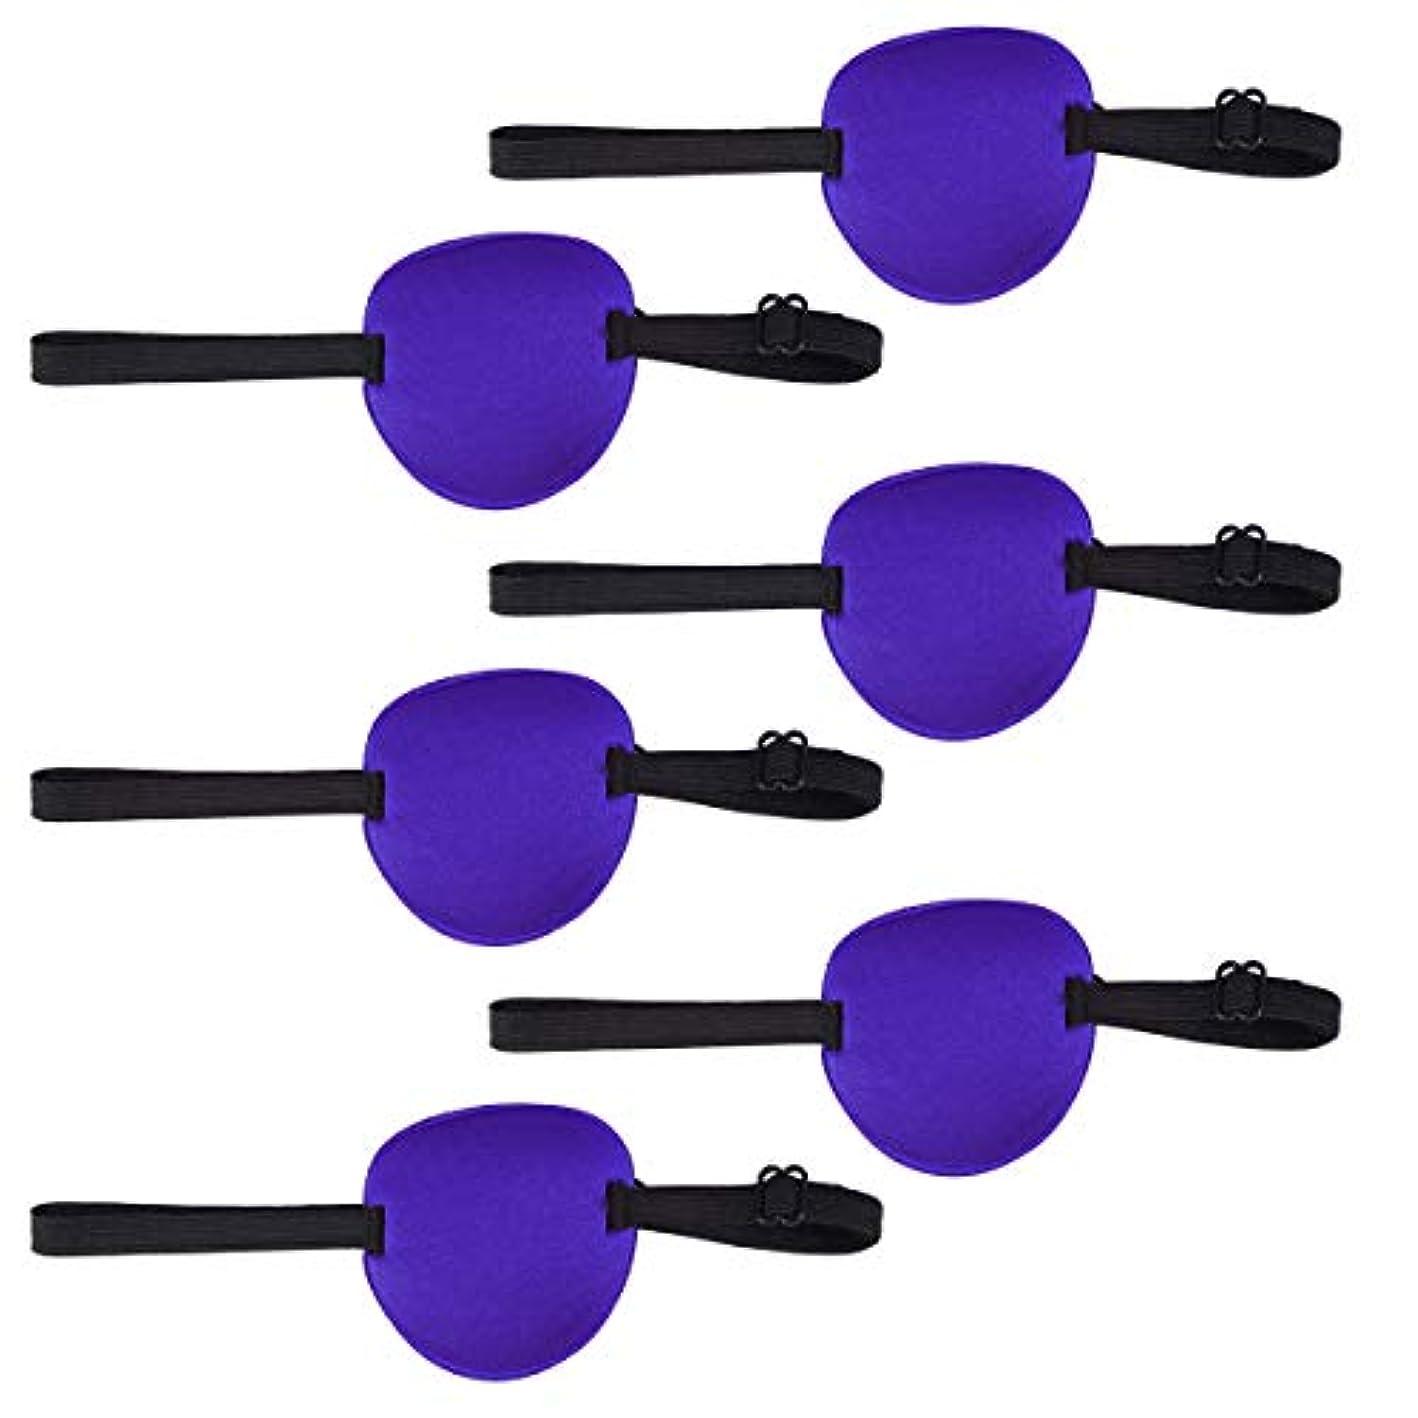 局測るバケットSUPVOX 弱視アイパッチ医療用凹面パッチストレッチストリップバックル単眼スポンジパッド付6個(青)